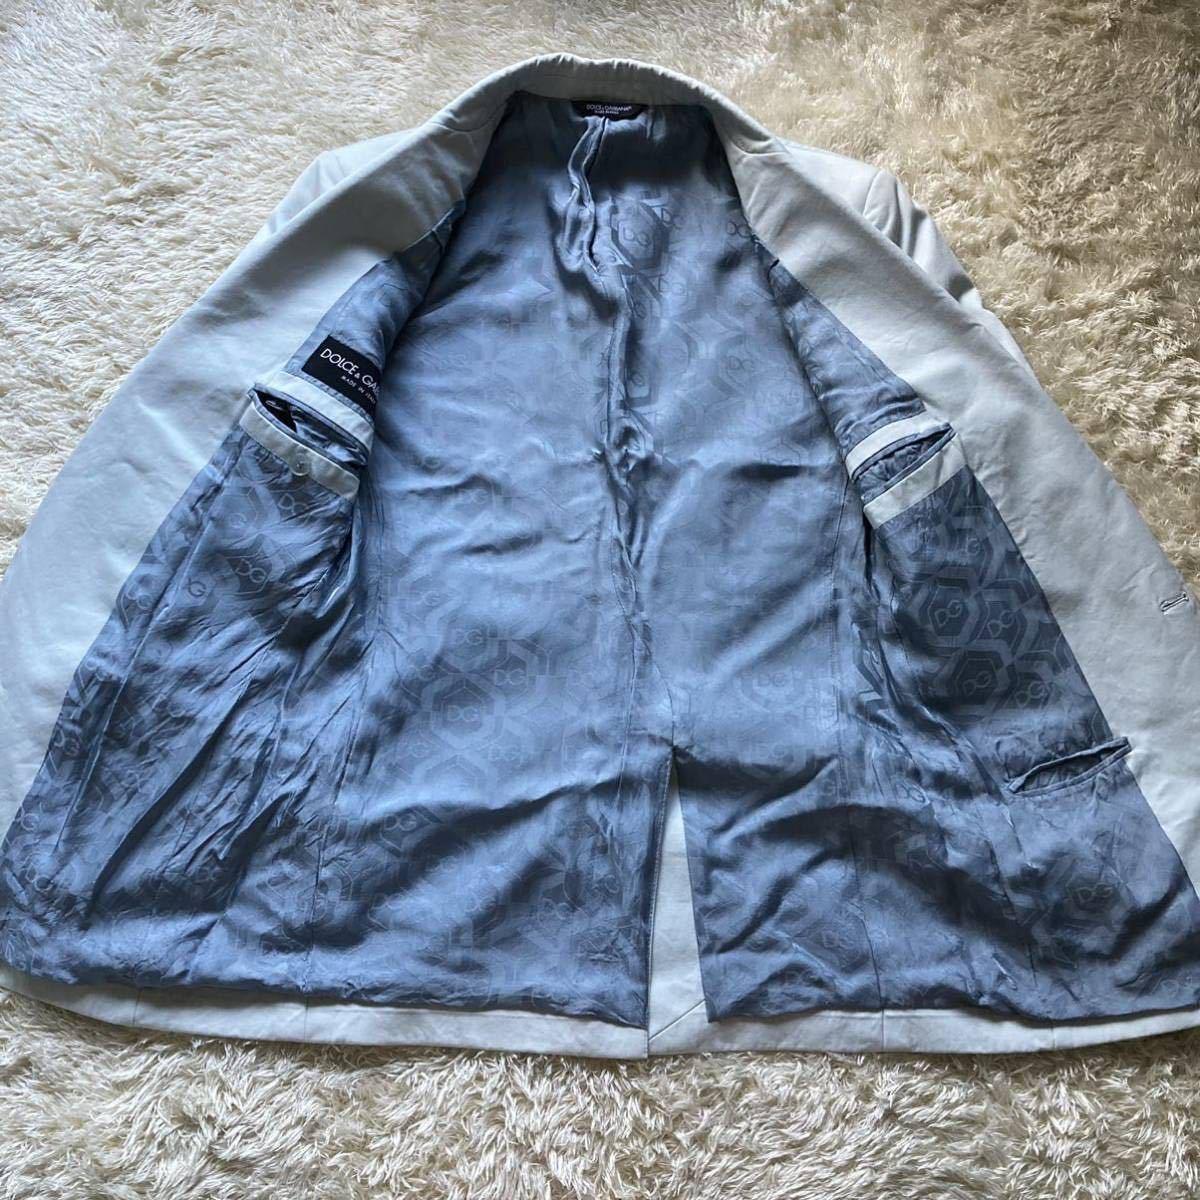 ドルチェ&ガッバーナ 「最高級の風格」DOLCE&GABBANA セットアップ 黒タグ ファッション スーツ 46 Mくらい ターコイズブルー 水色系_画像3